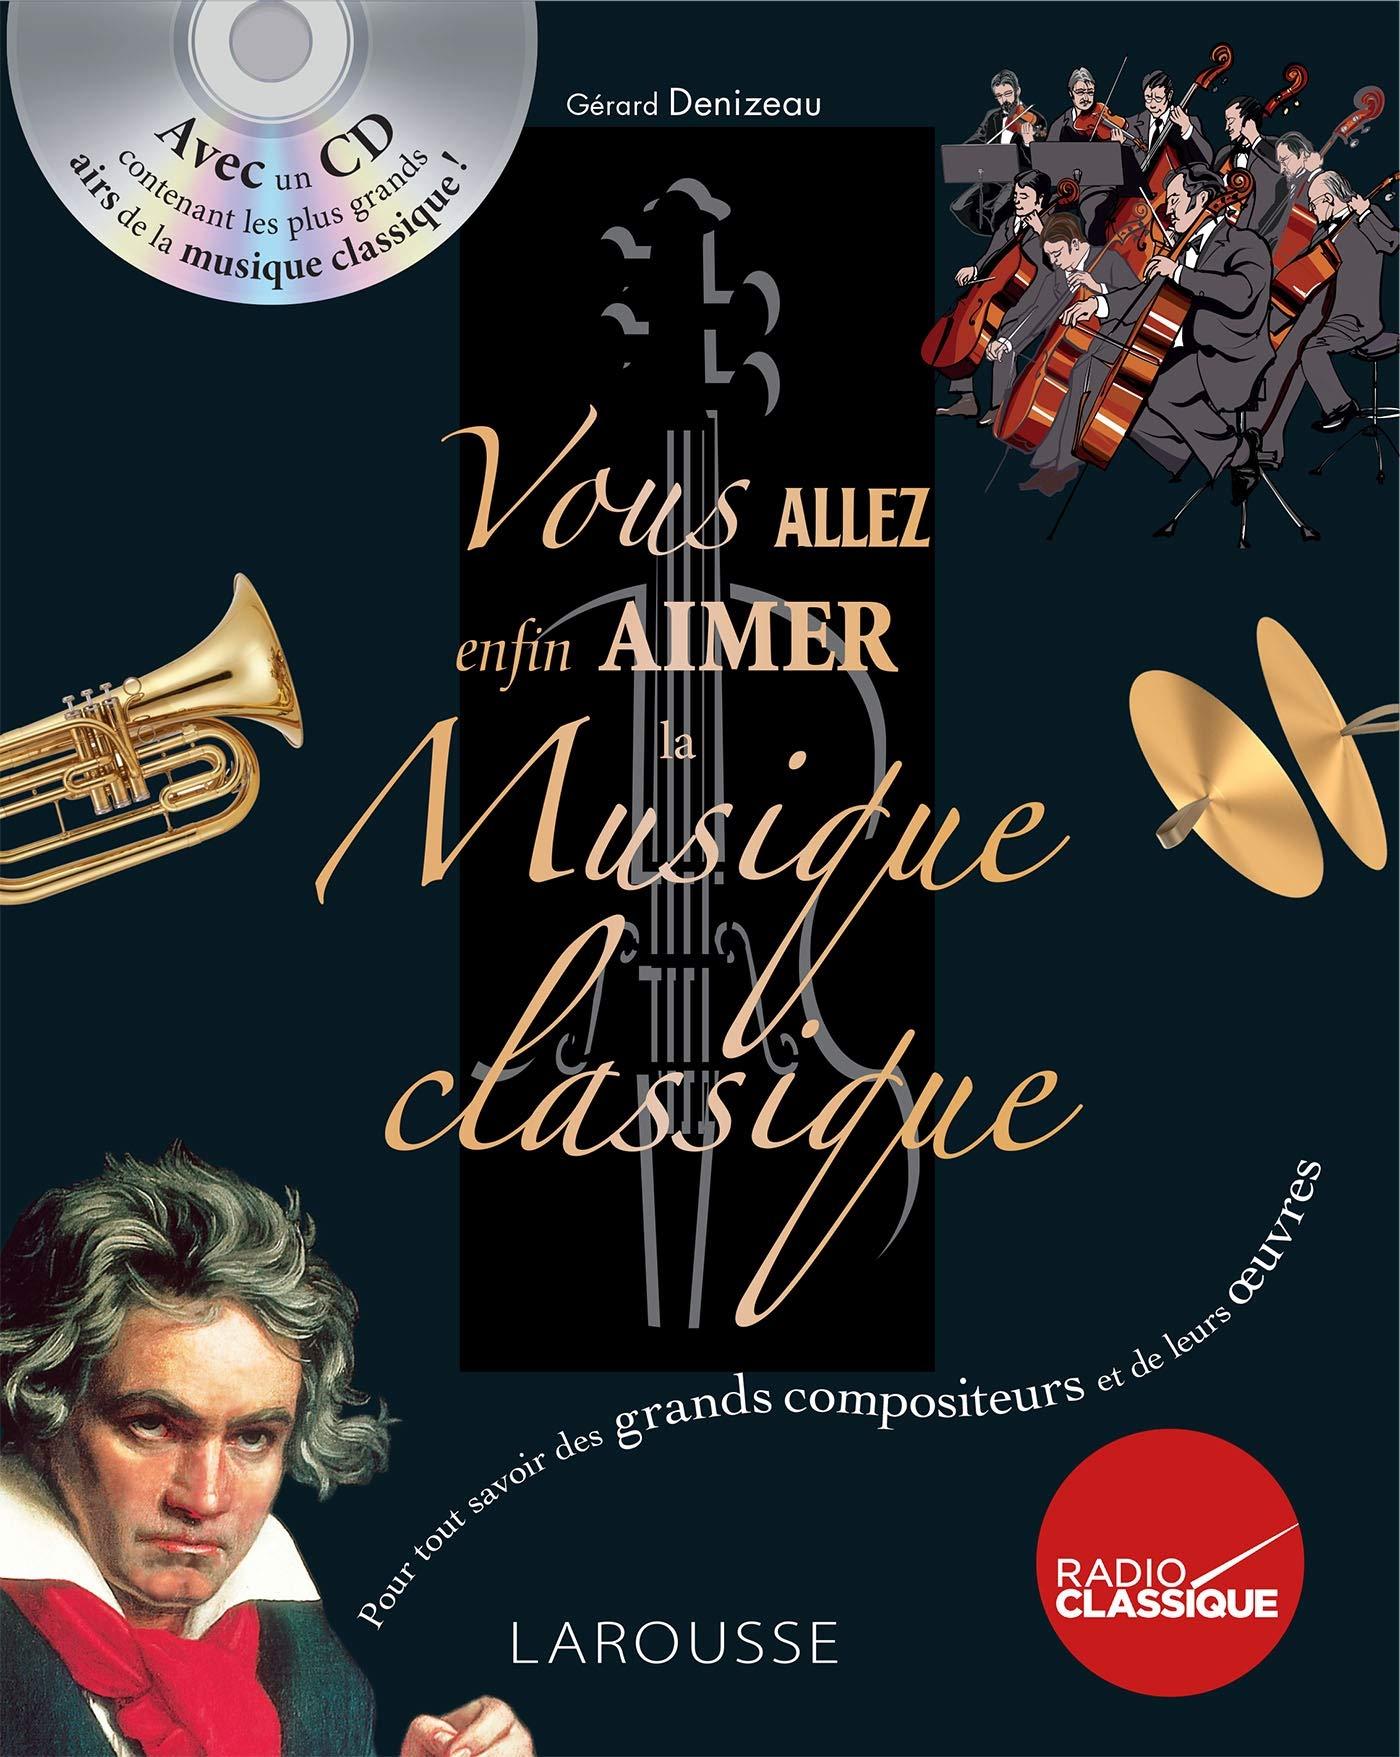 Vous allez enfin aimer la musique classique por Gérard Denizeau